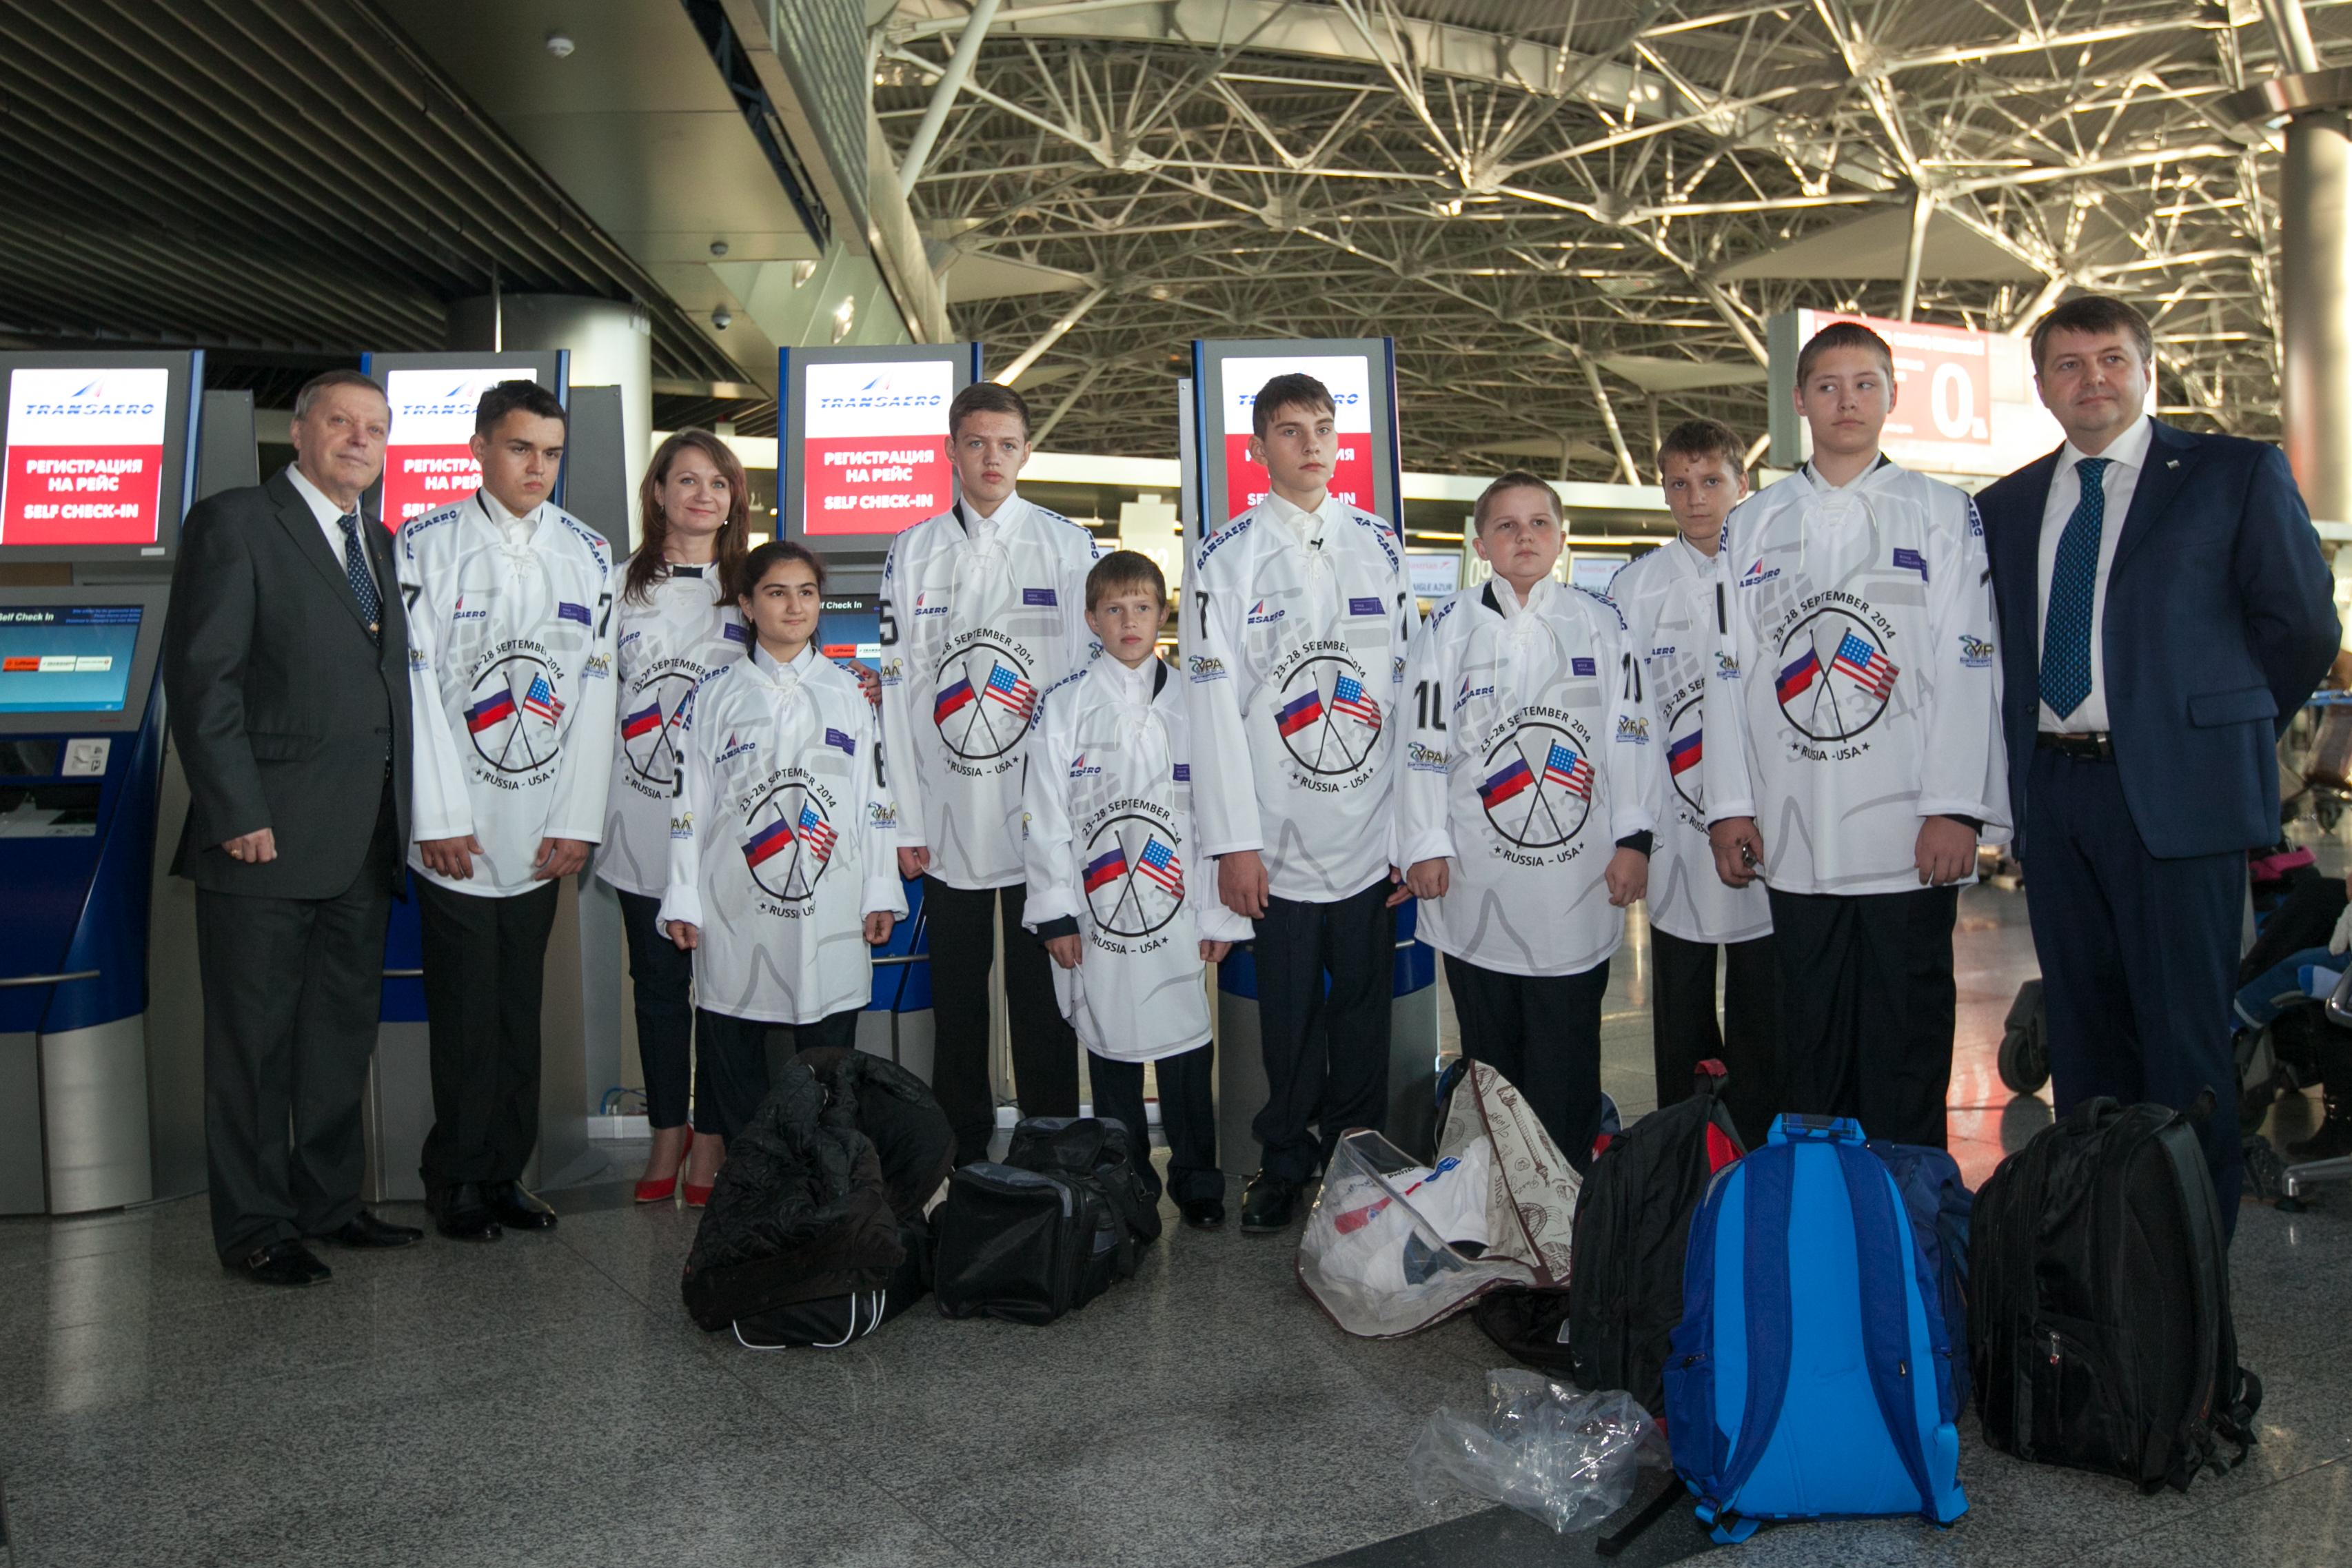 В США юношеская команда по хоккею - следж «Ладога» г. Алексин (Тульская область) завершила свое выступление в Североамериканских турнирах